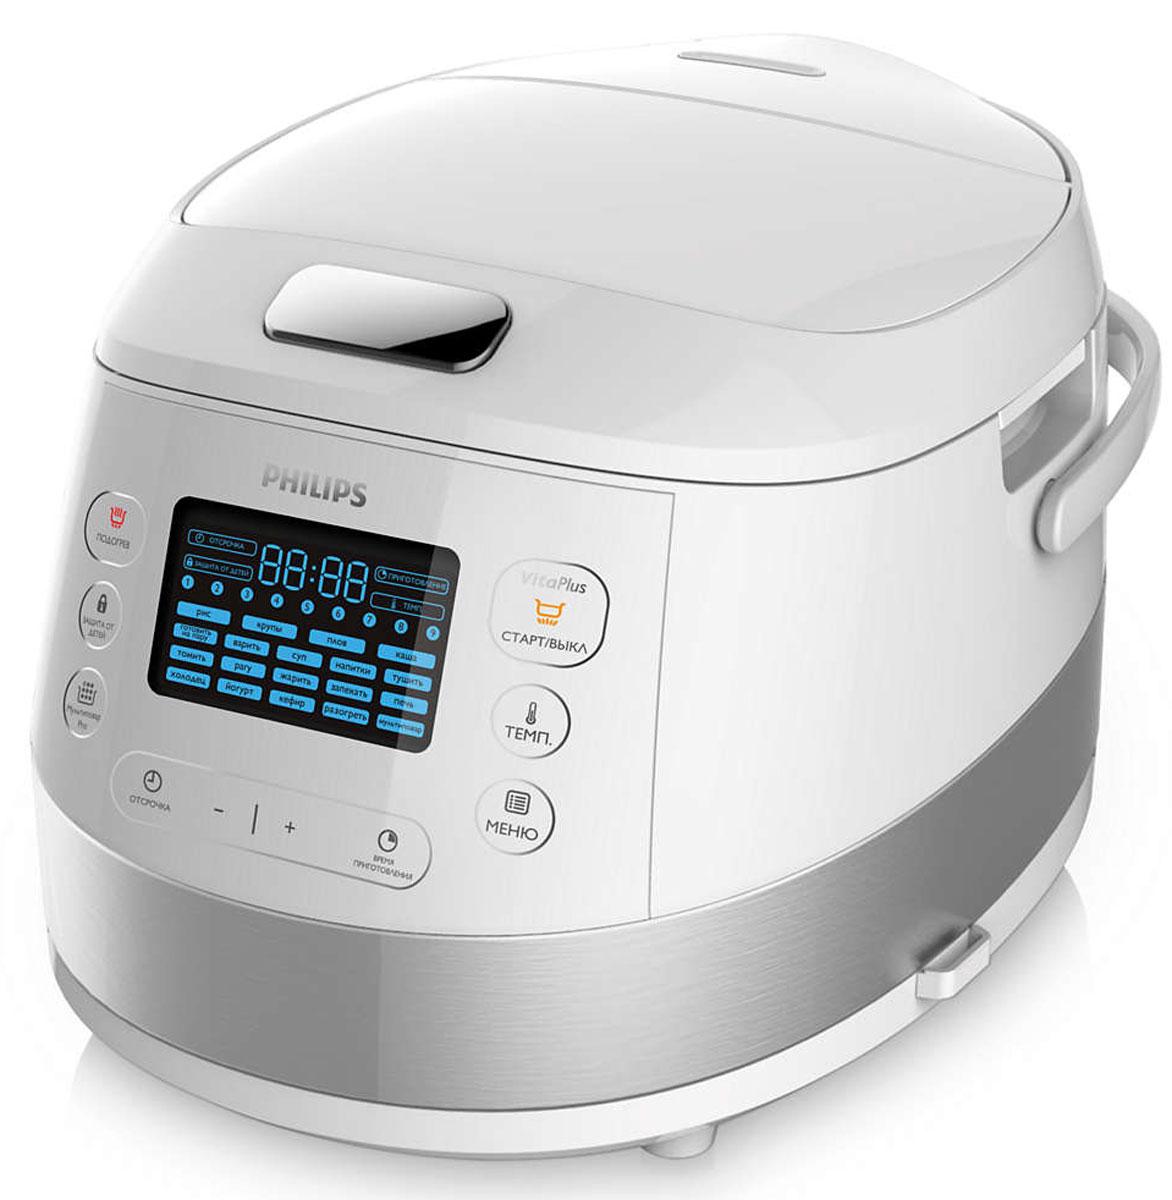 Philips HD4731/03, Silver мультиварка HD4731/03